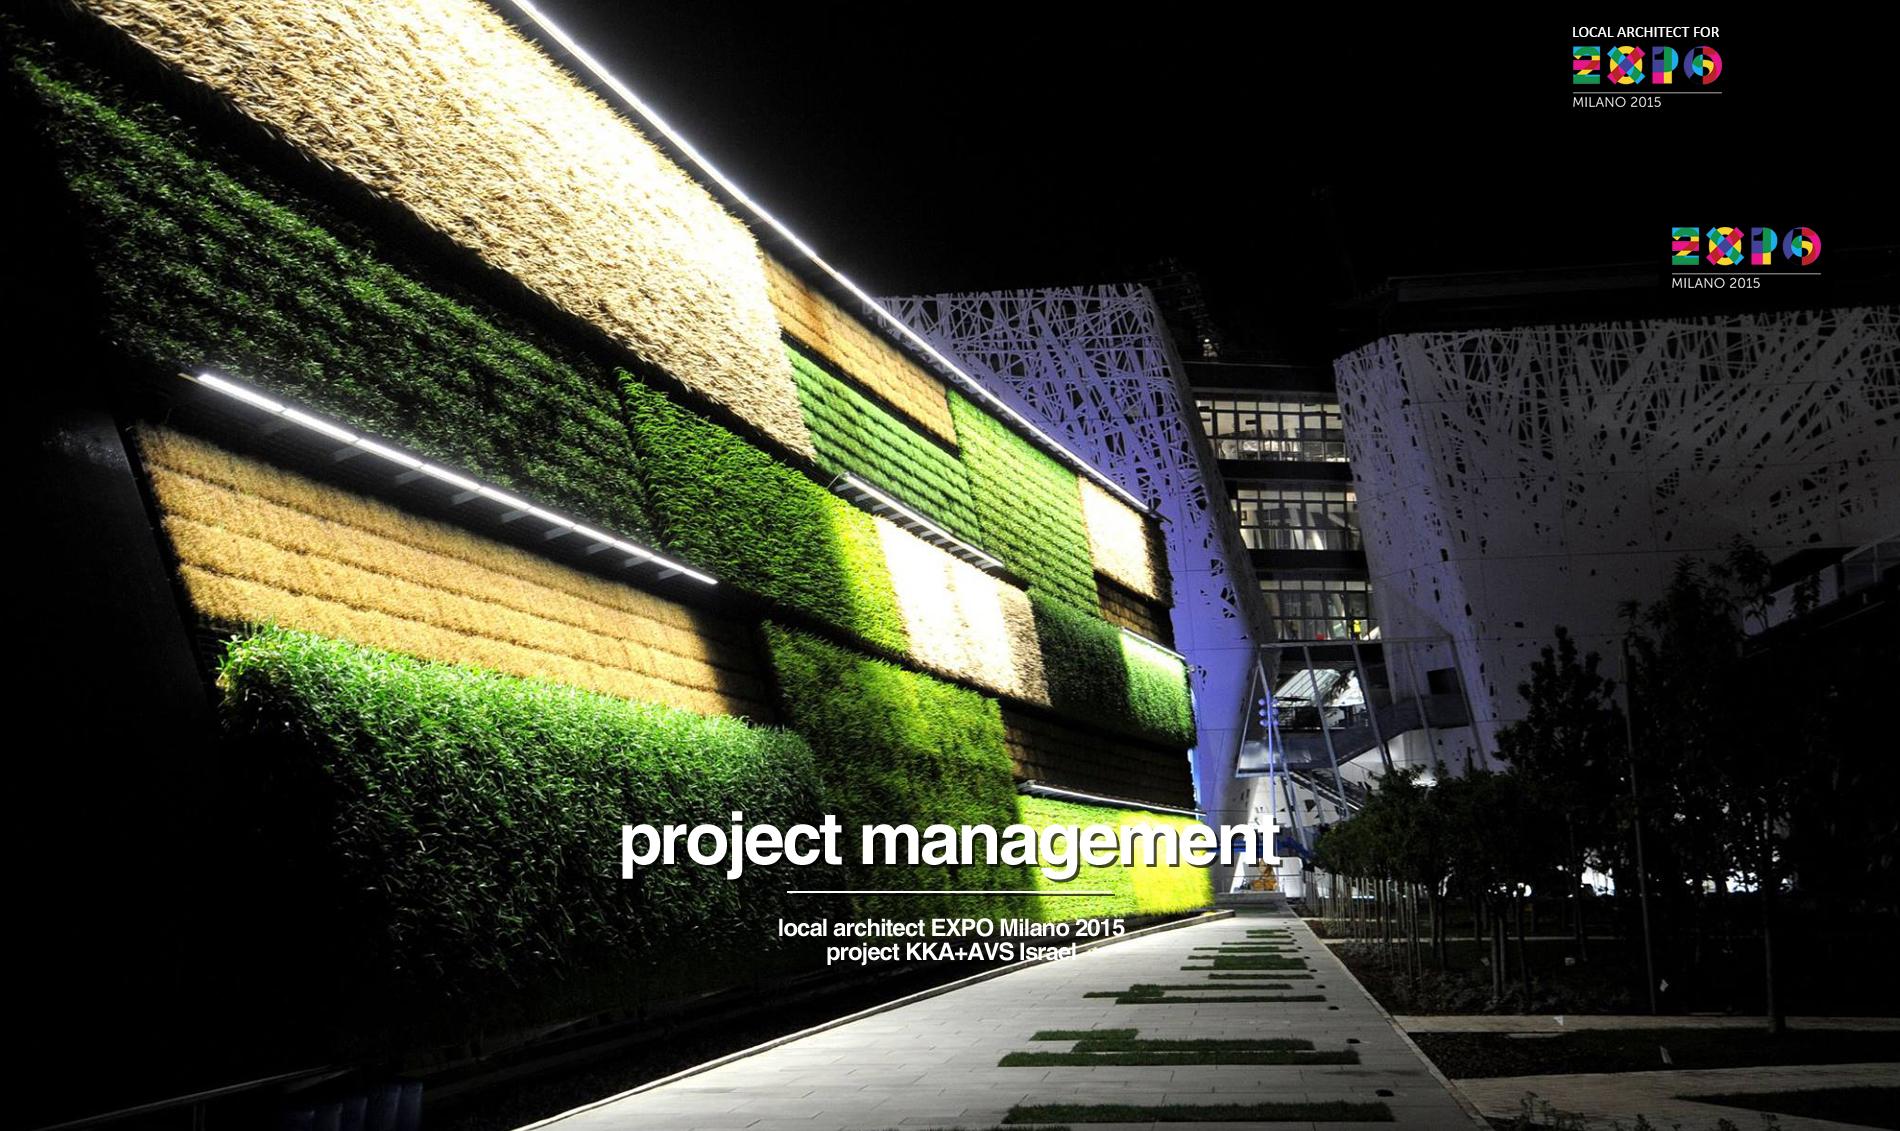 project management_2